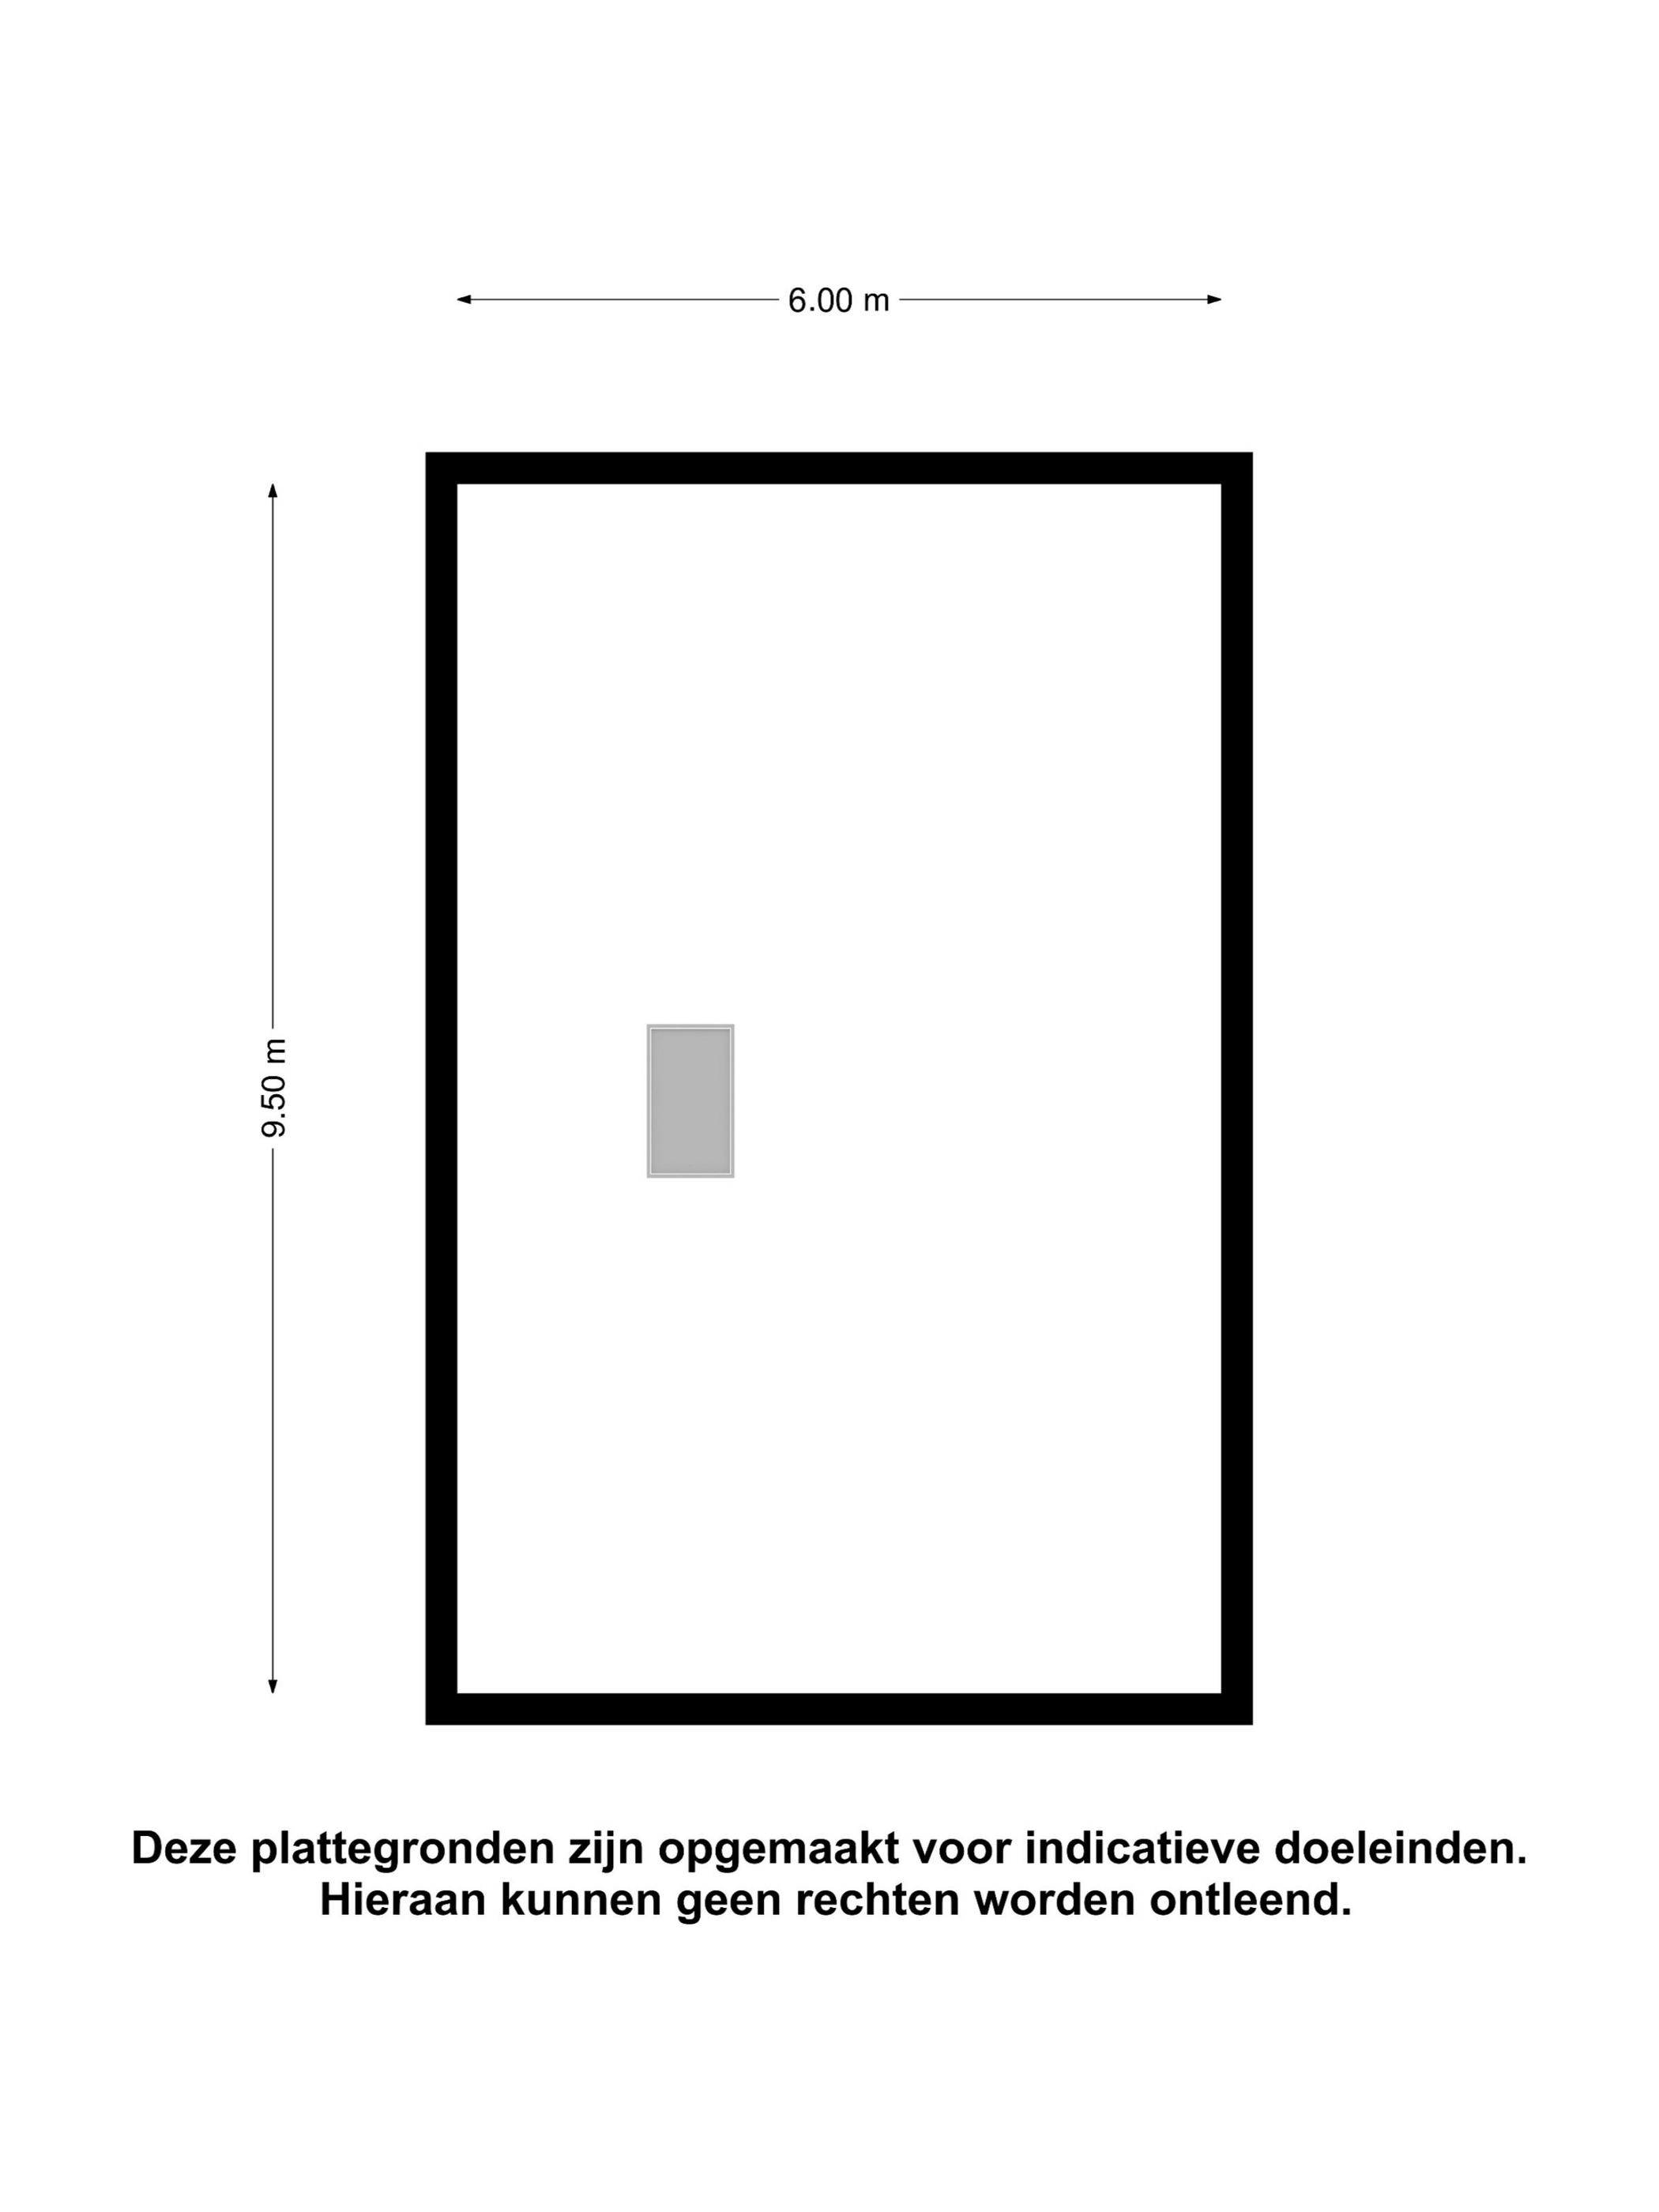 leechein-17-akkrum-plattegrond-69